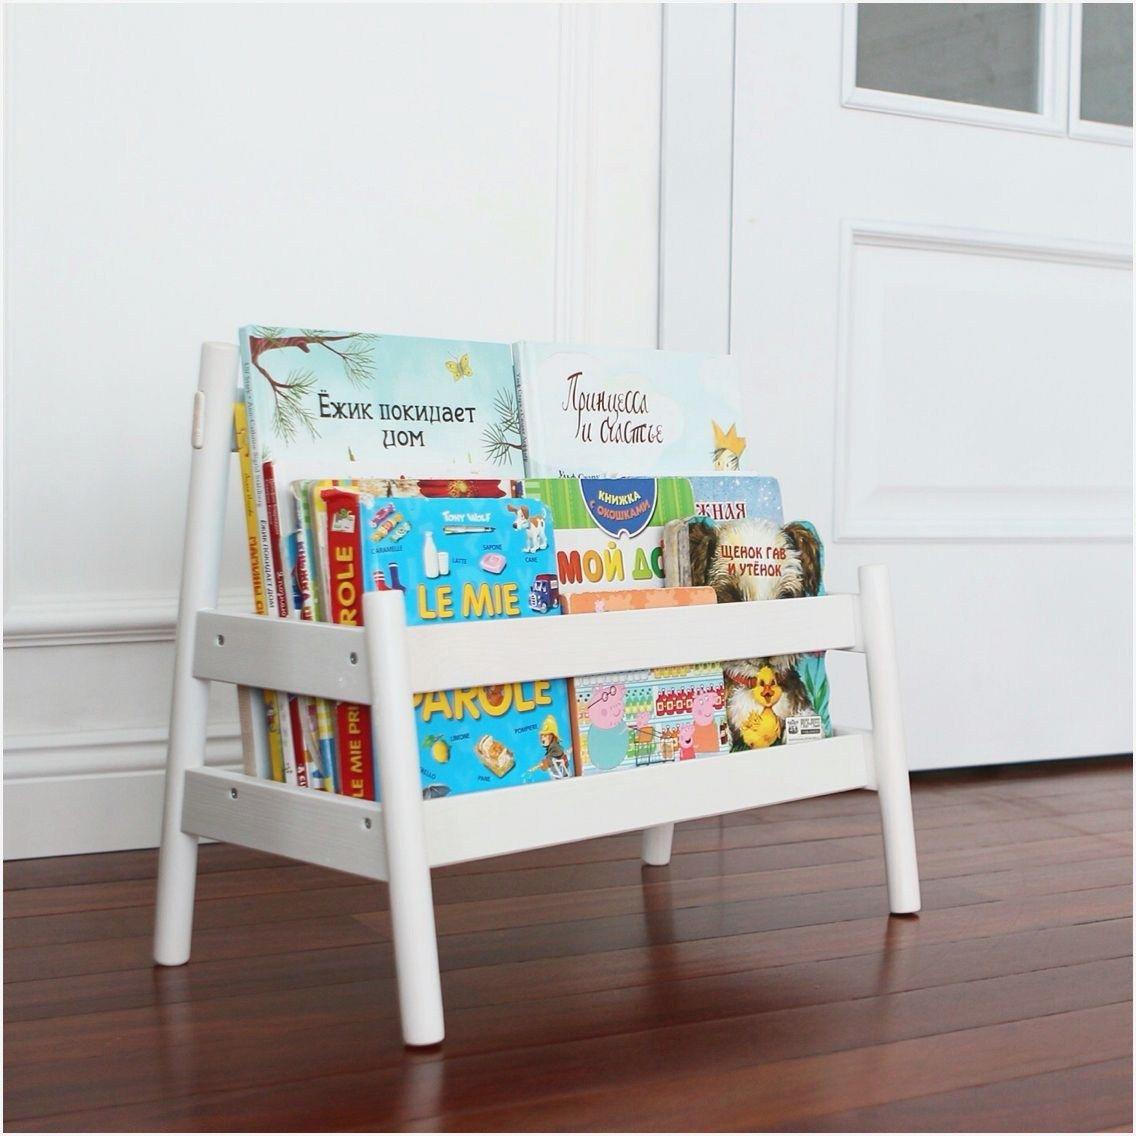 Pin von romyli_radi auf Kinderzimmer in 2020 (mit Bildern